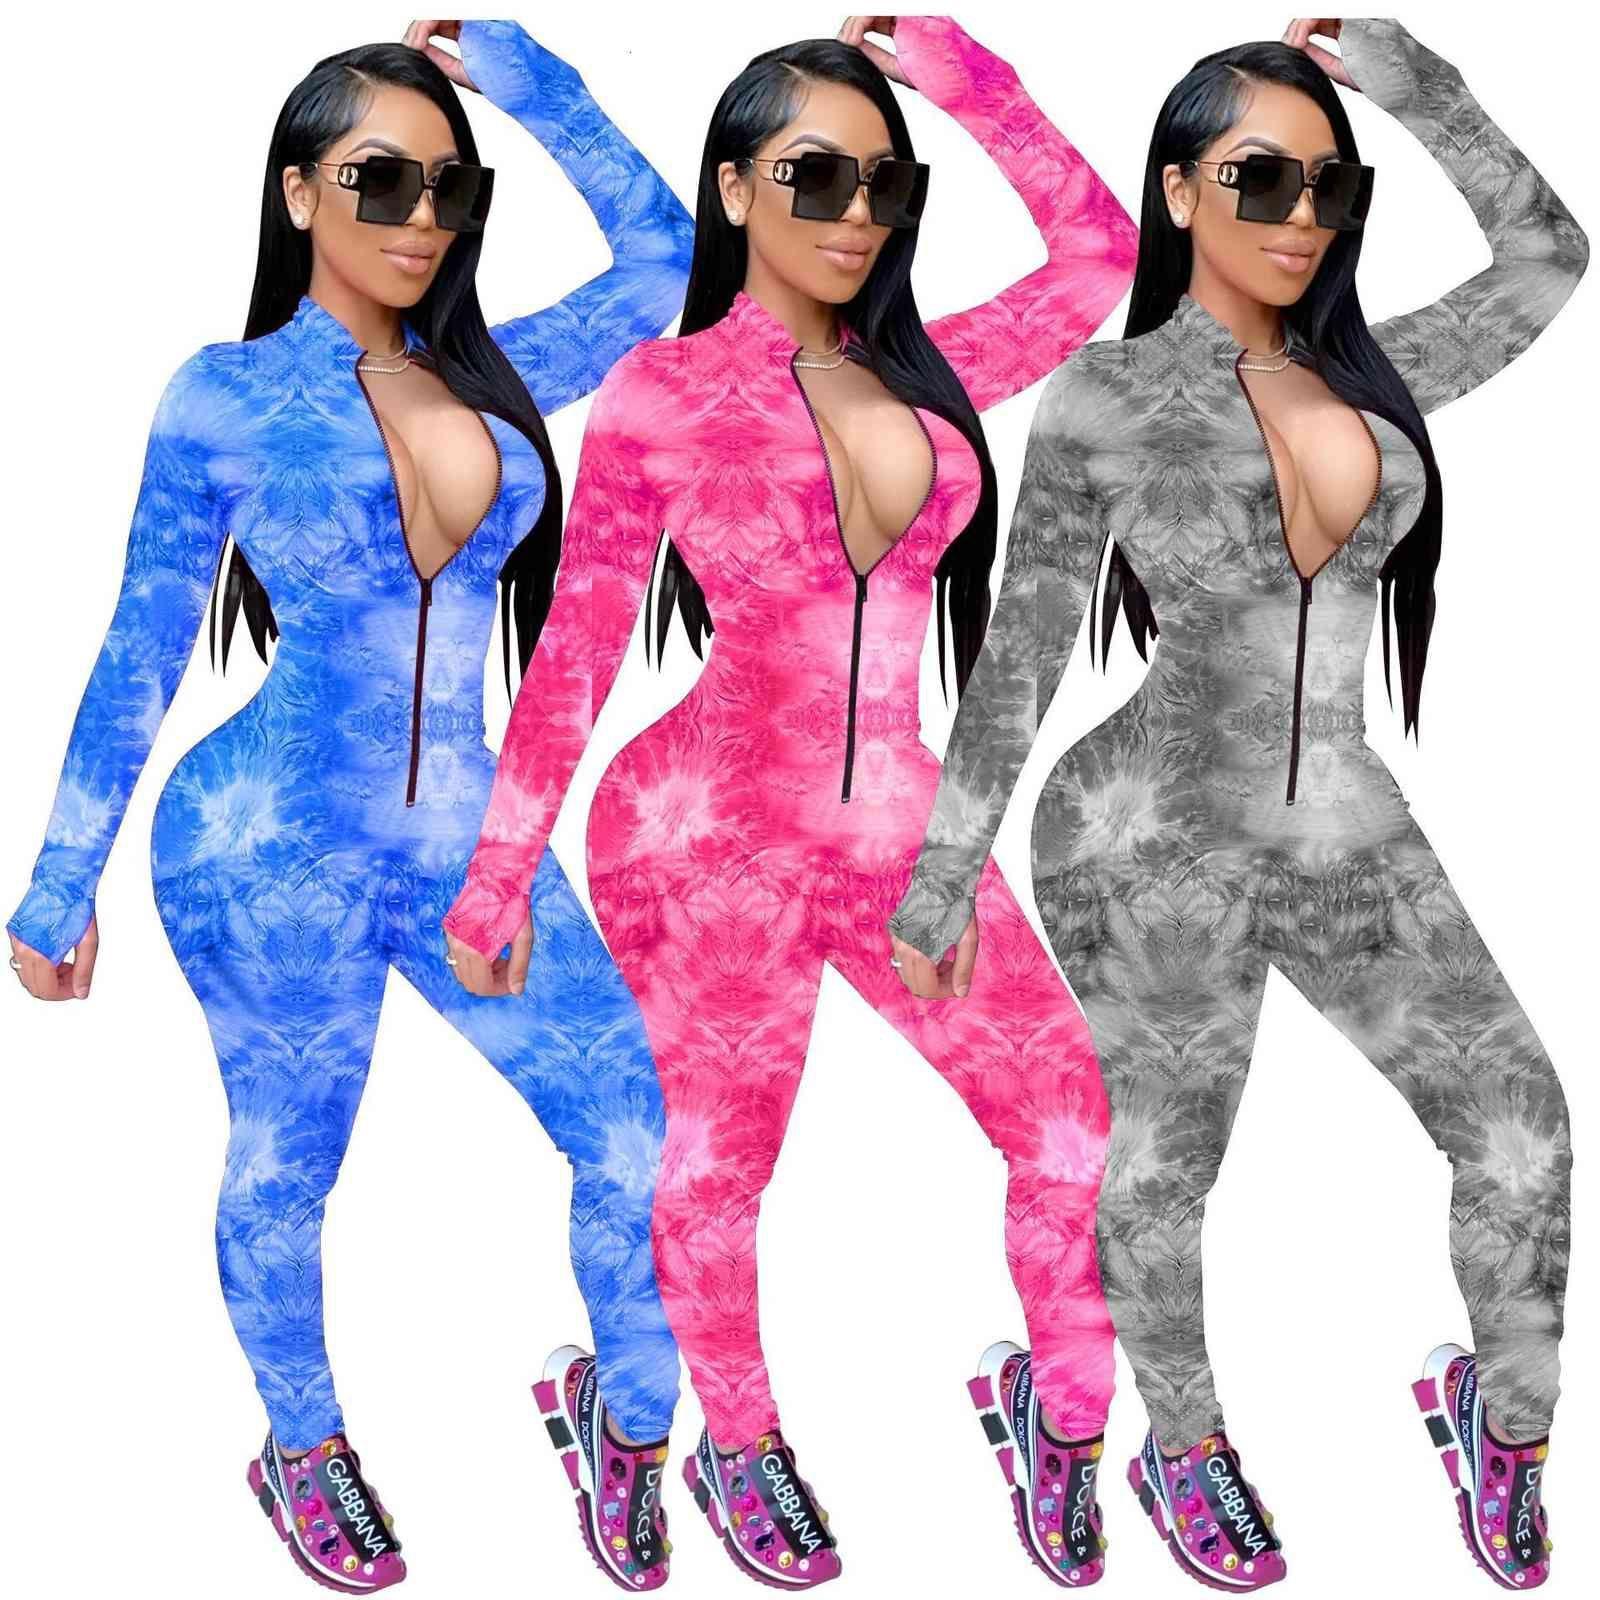 Tute da donna Tuta 2020 Allenamento Slim-Fit Stampato Zipper Skinny Skinny Stampa a caldo Tute Collo V-Neck Onesies Donne Plus Size Pagliaccetti